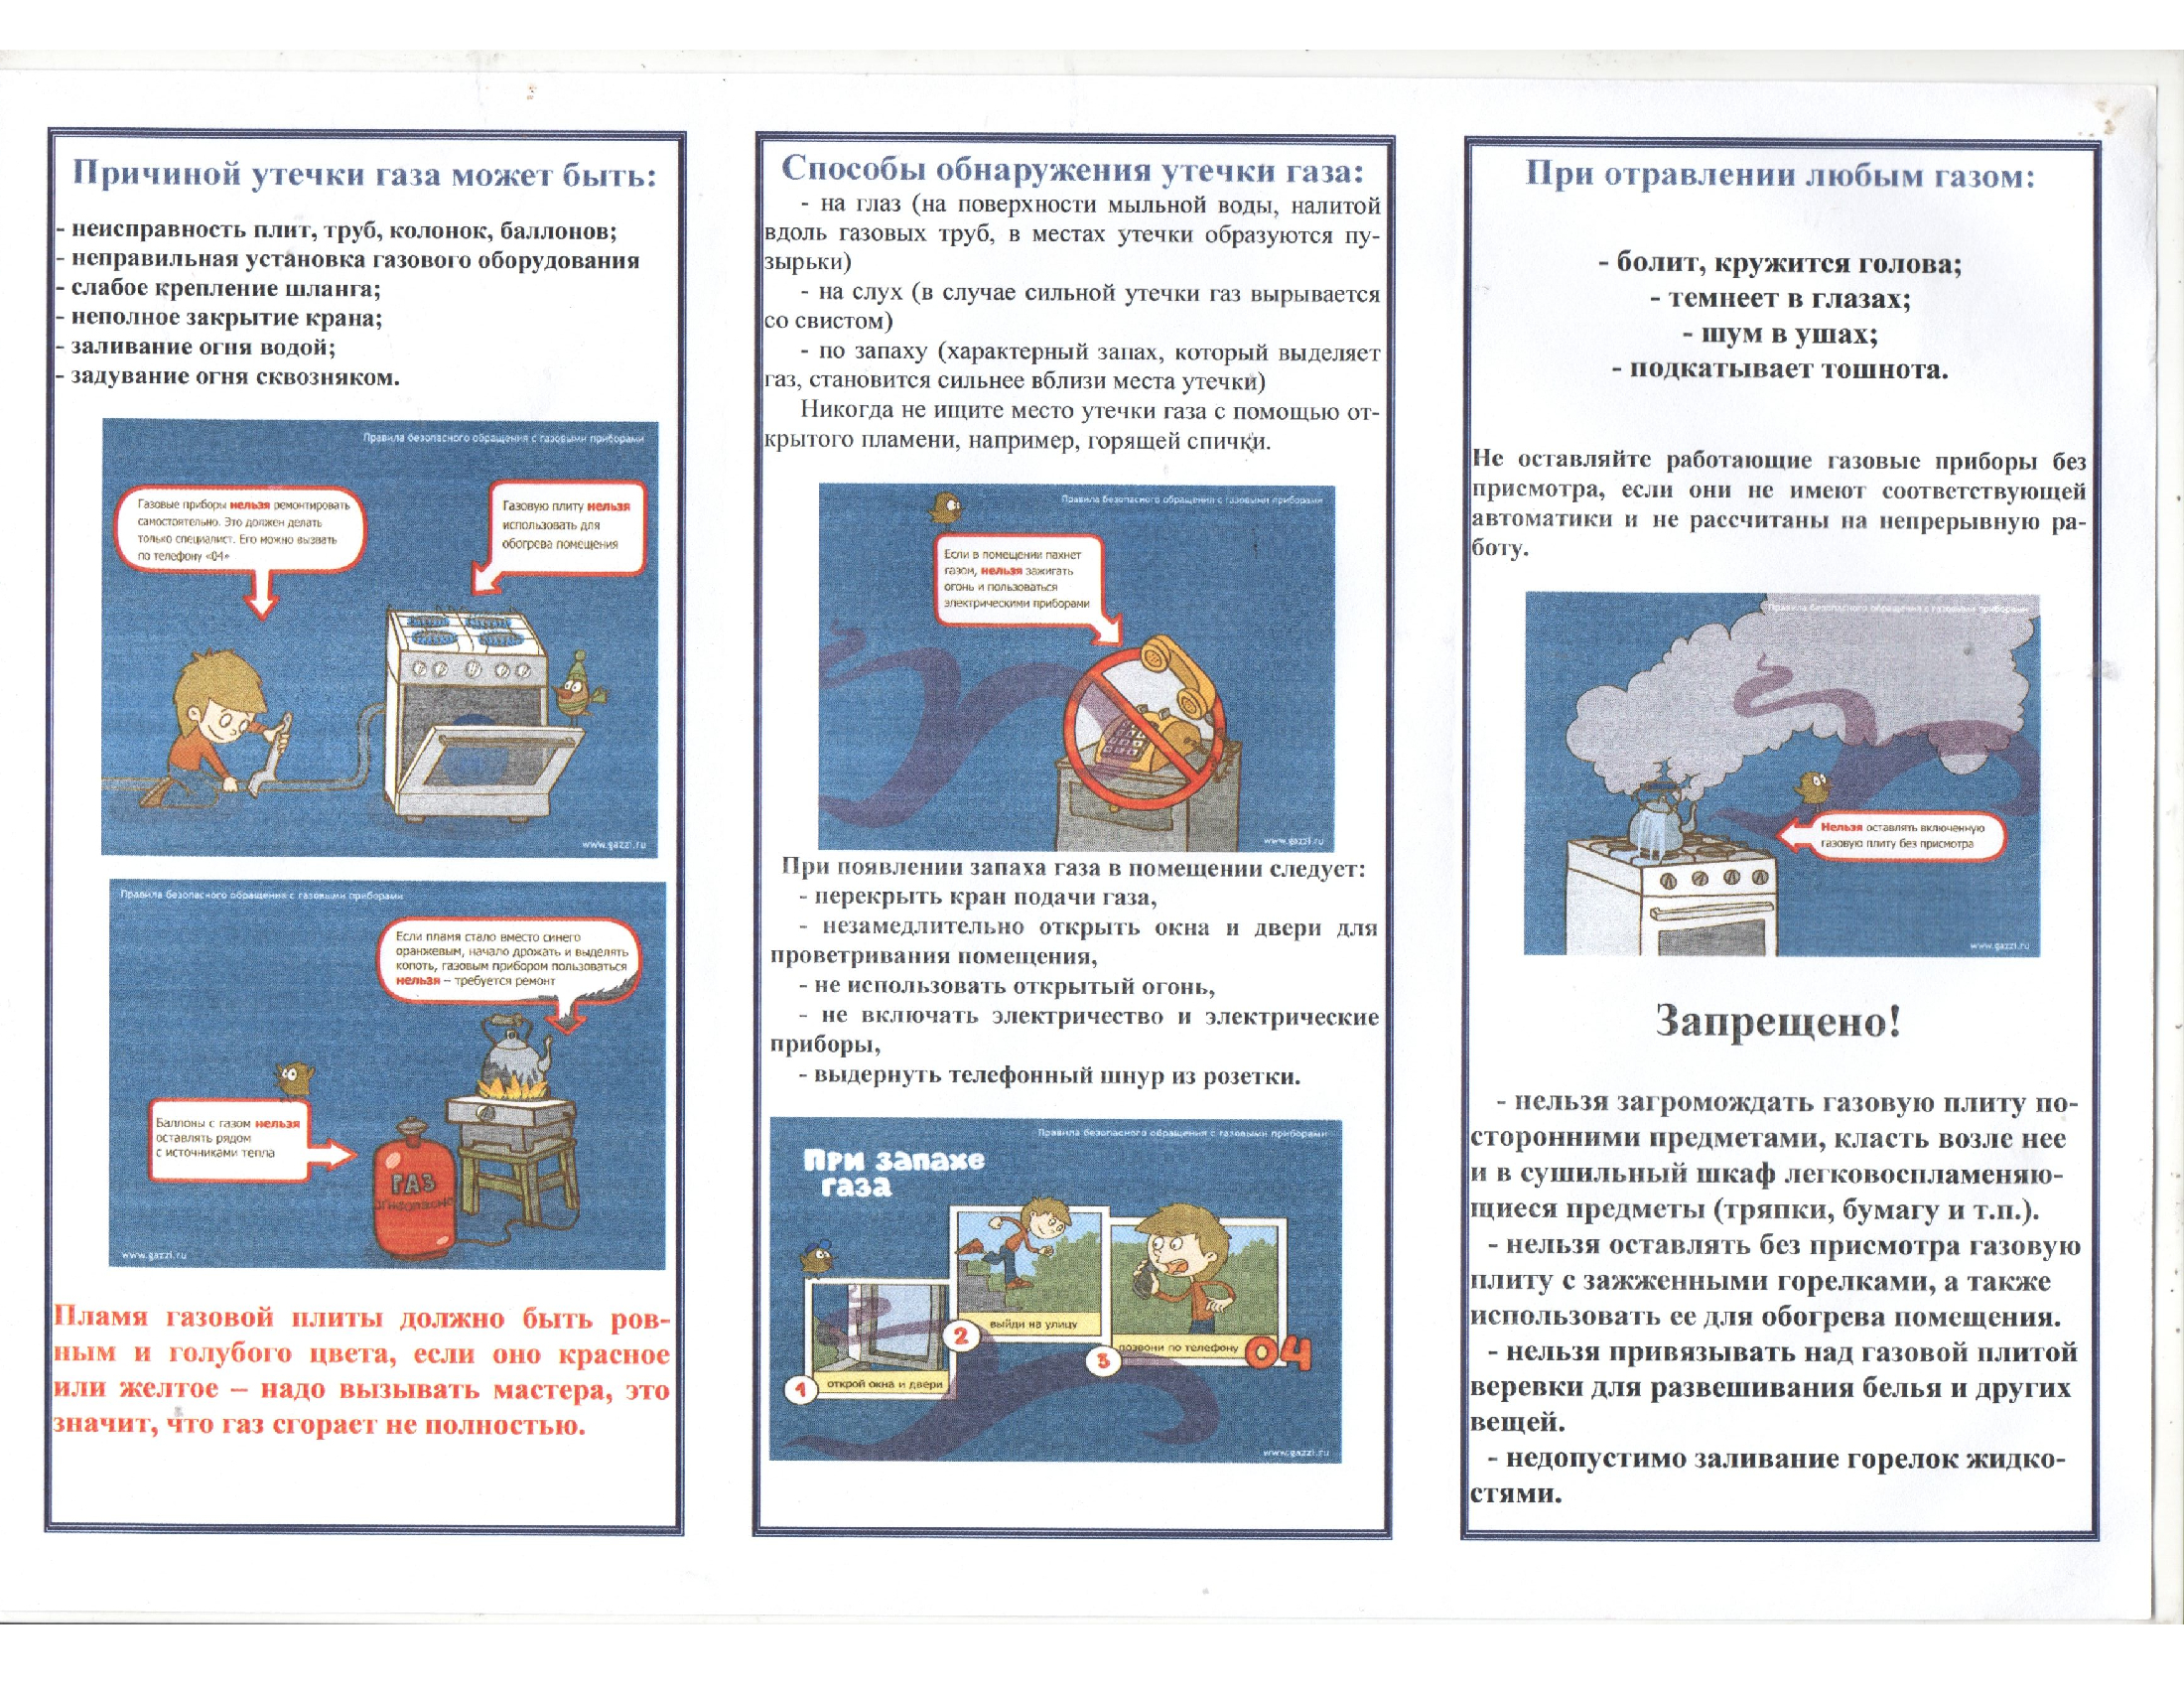 Порядок действий при утечке газа в многоквартирных домах